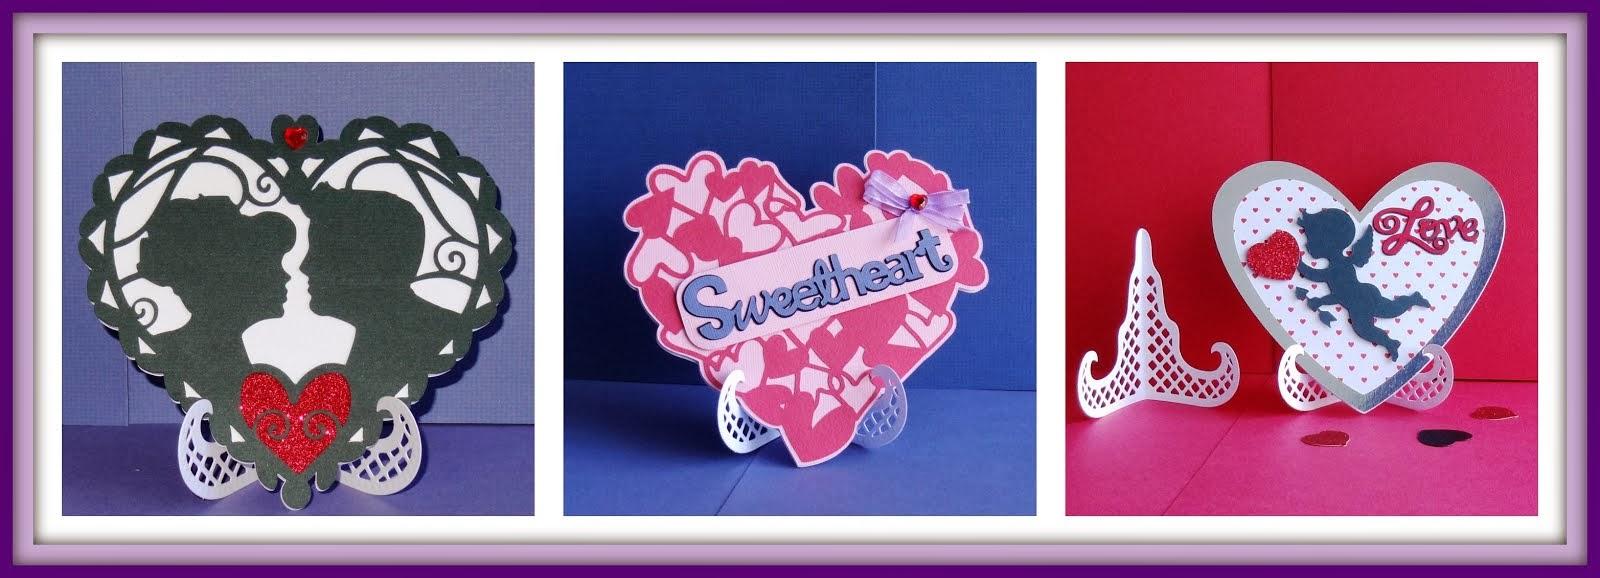 Valentines & Anniversary Designs 2014